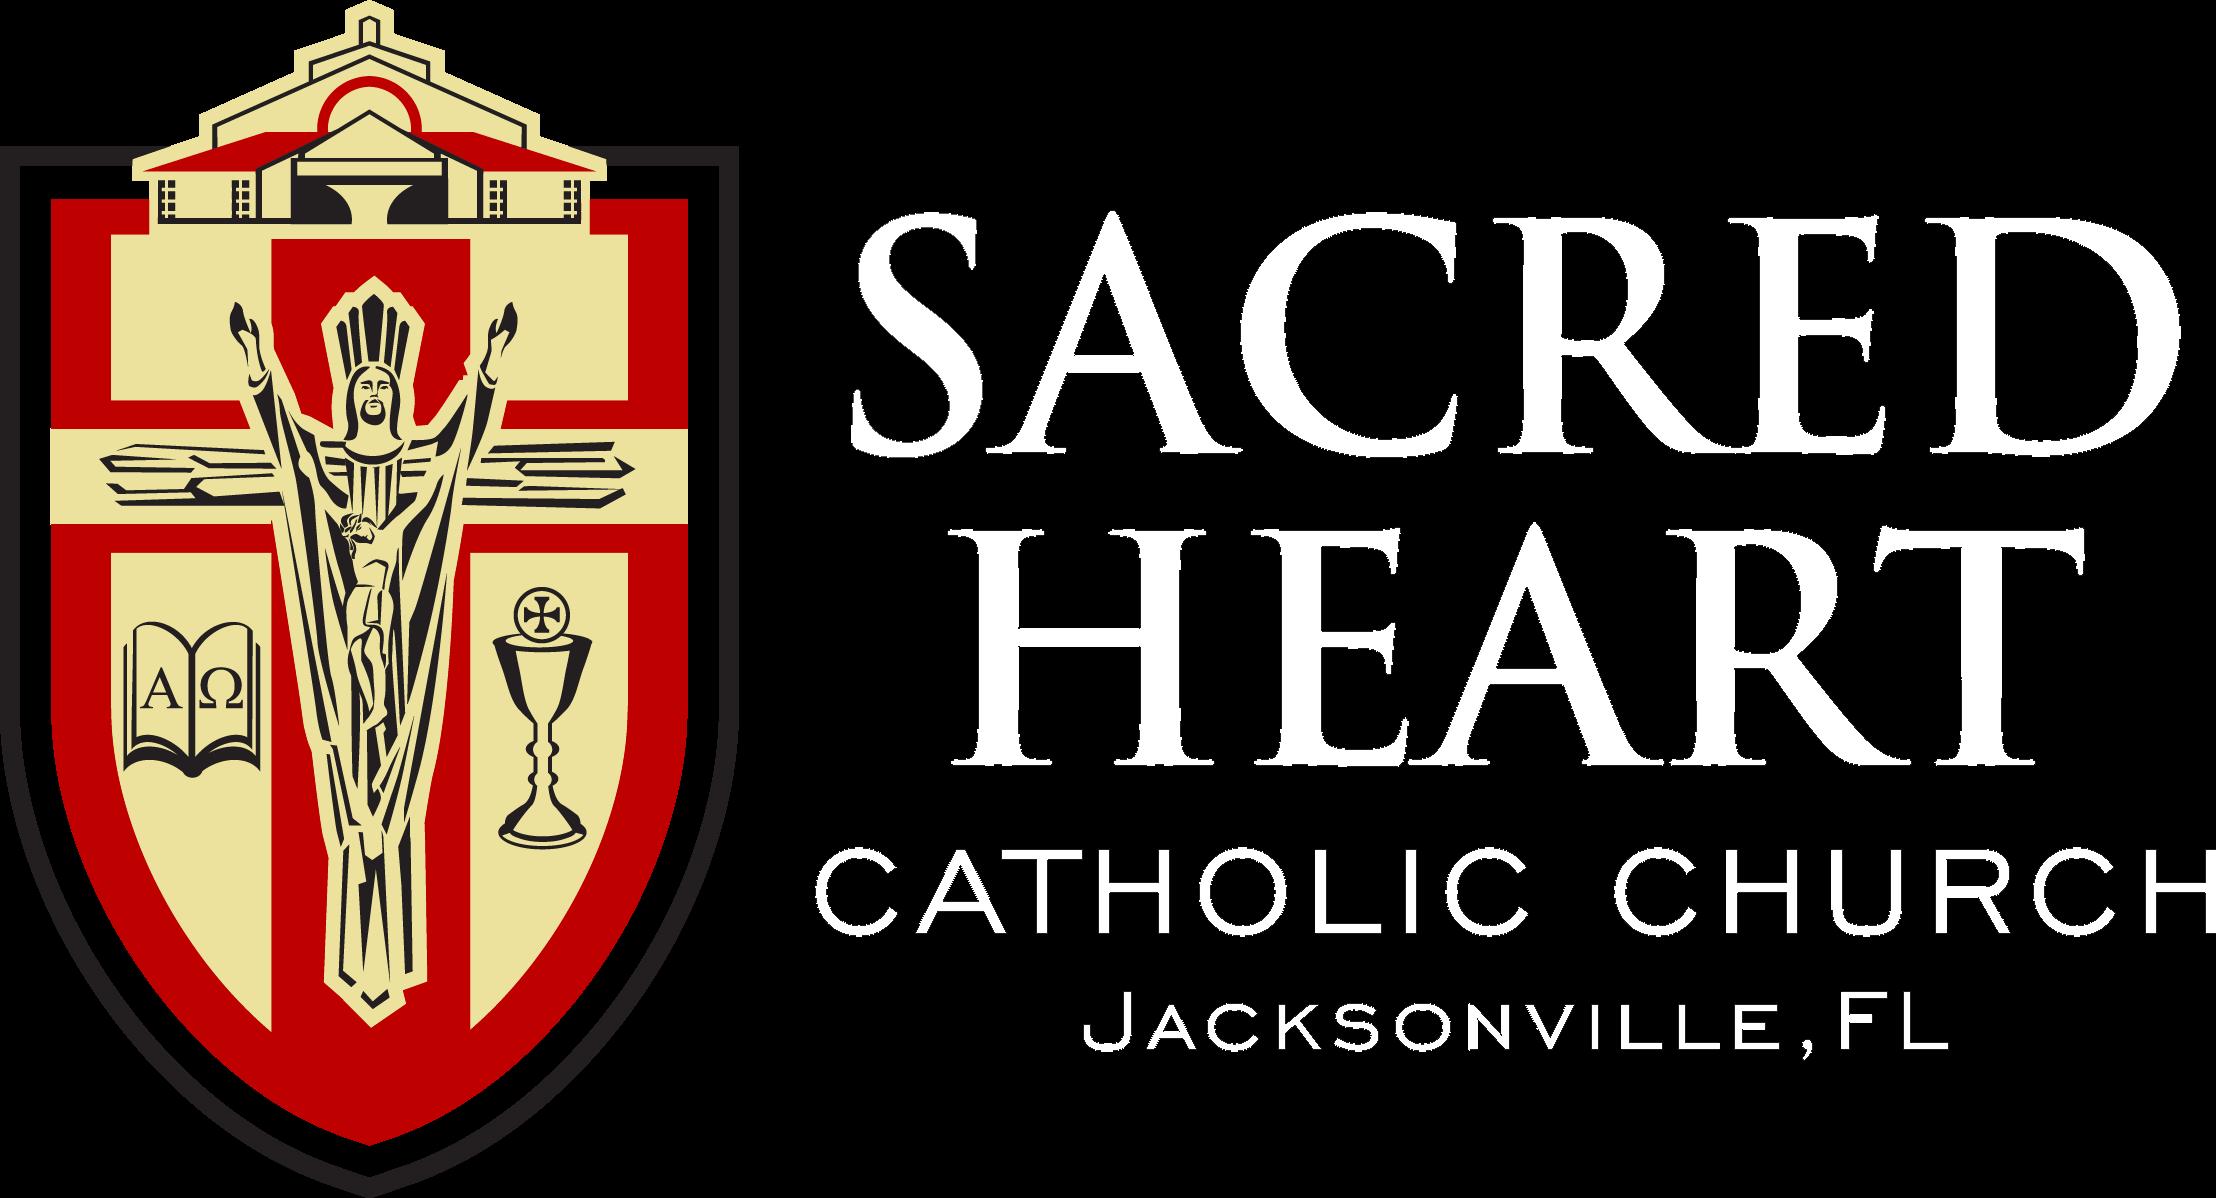 Faith clipart shield faith. Register as parishioner sacred